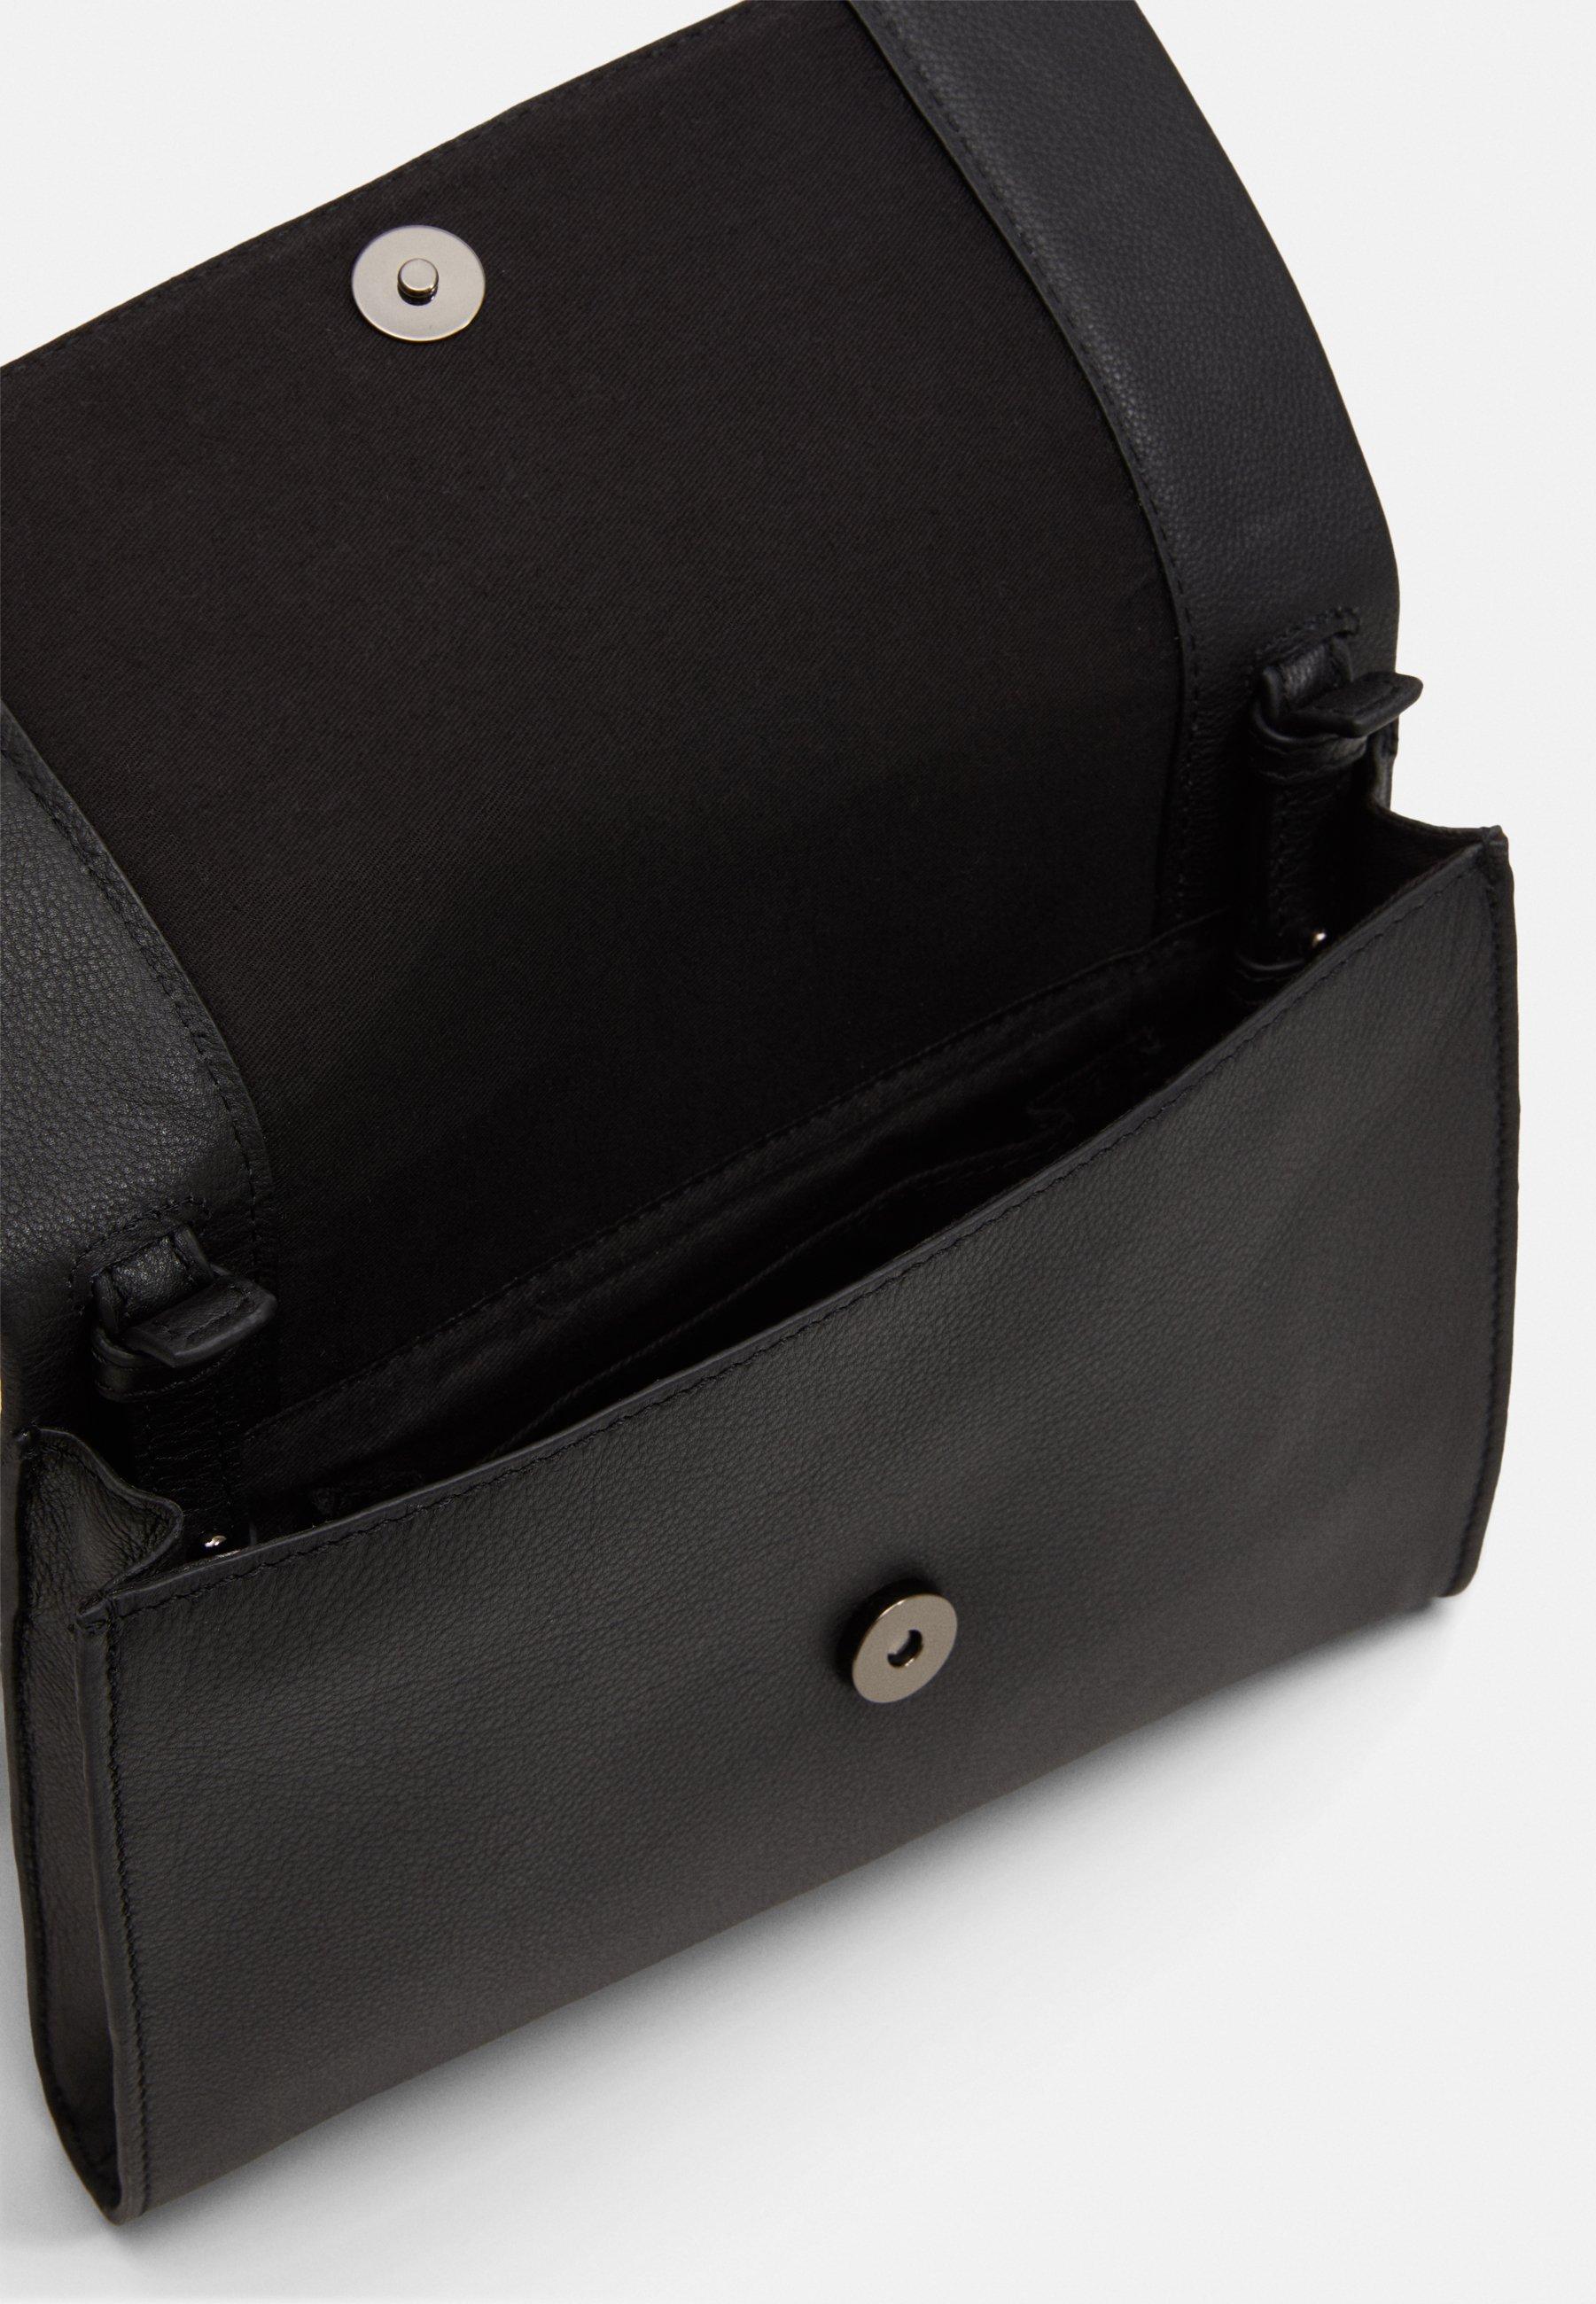 Zign LEATHER - Clutch - black/svart Bs2cjUJiVTFKGCd